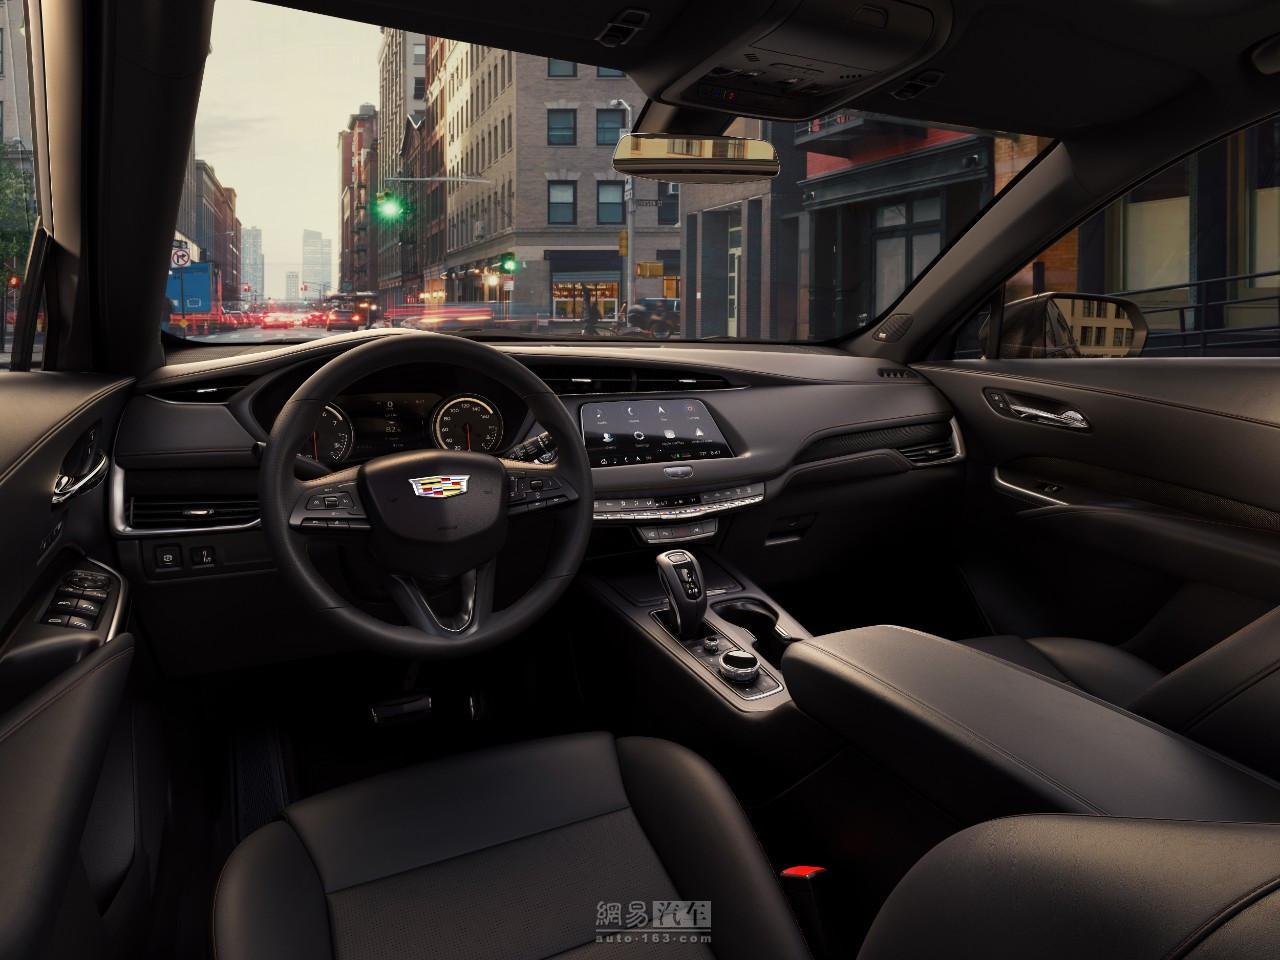 谁说海外车款便宜? 凯迪拉克XT4公布在美售价